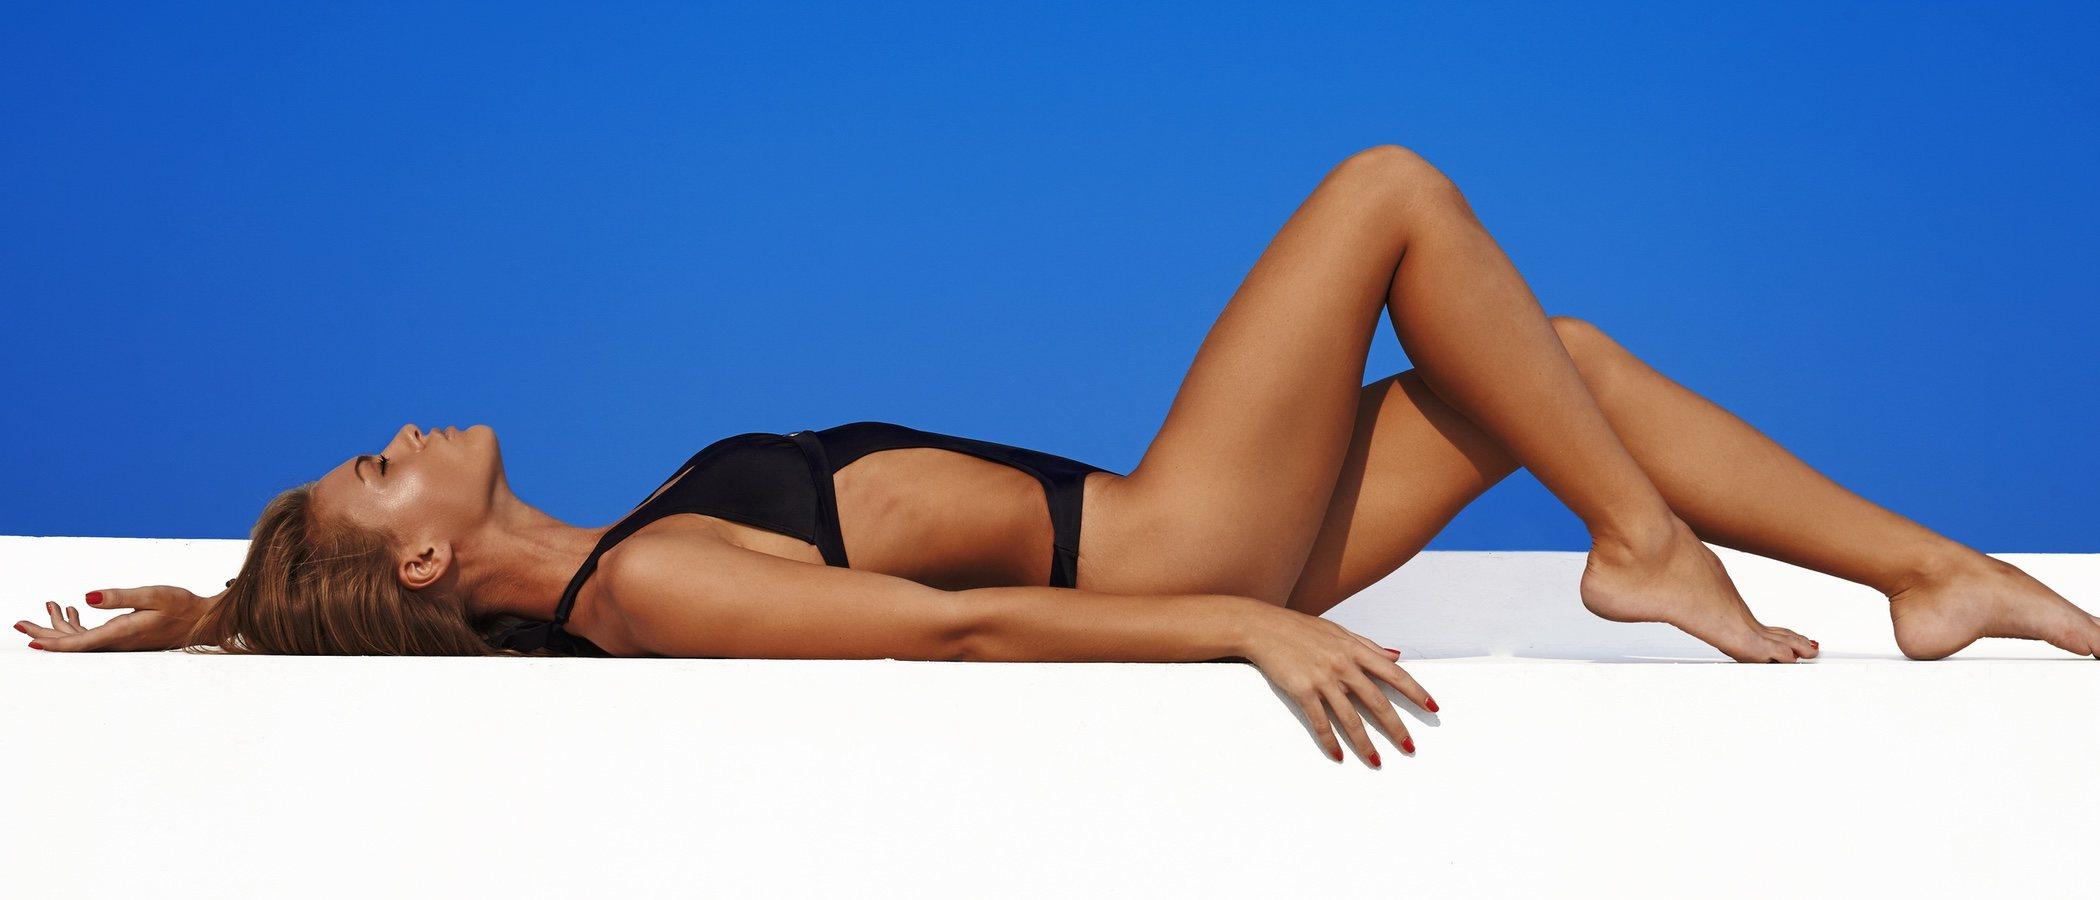 Autobronceadores: el mejor método para lucir una piel morena sin sufrir riesgos